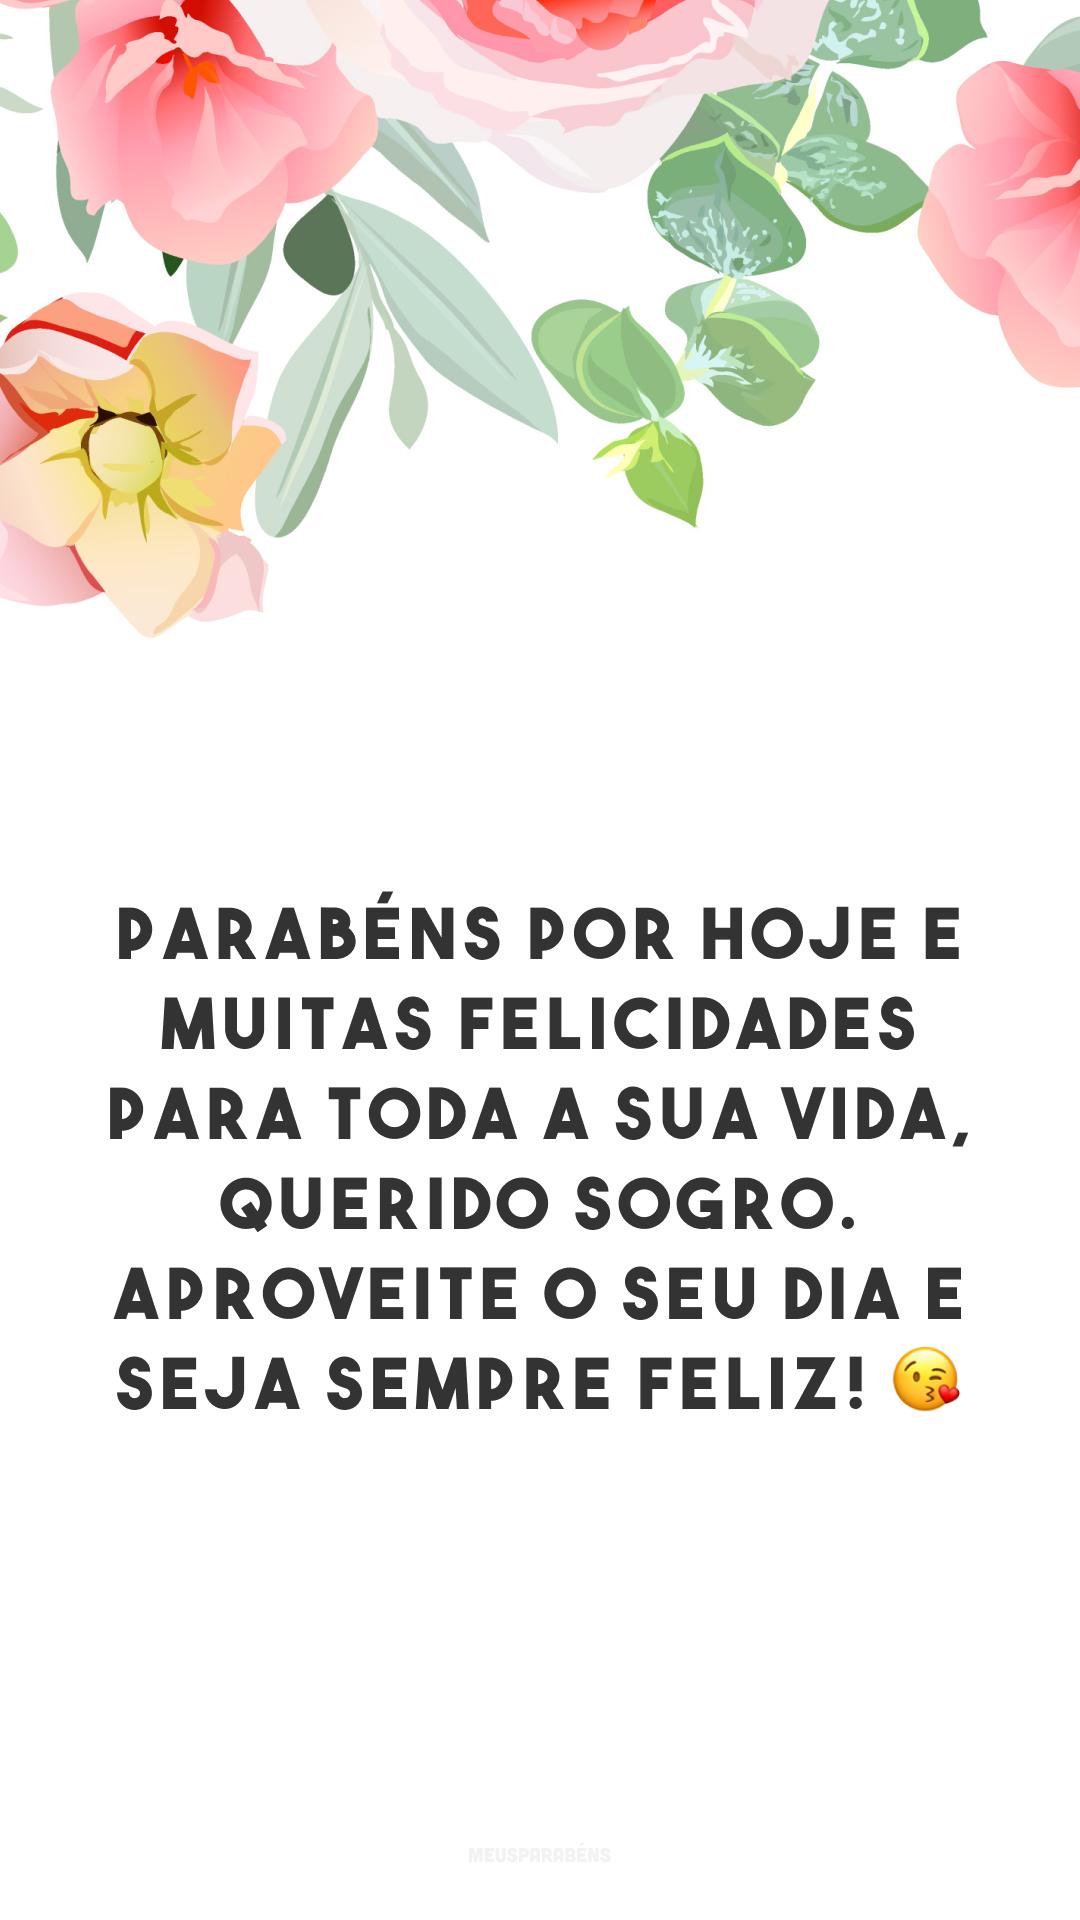 Parabéns por hoje e muitas felicidades para toda a sua vida, querido sogro. Aproveite o seu dia e seja sempre feliz! 😘